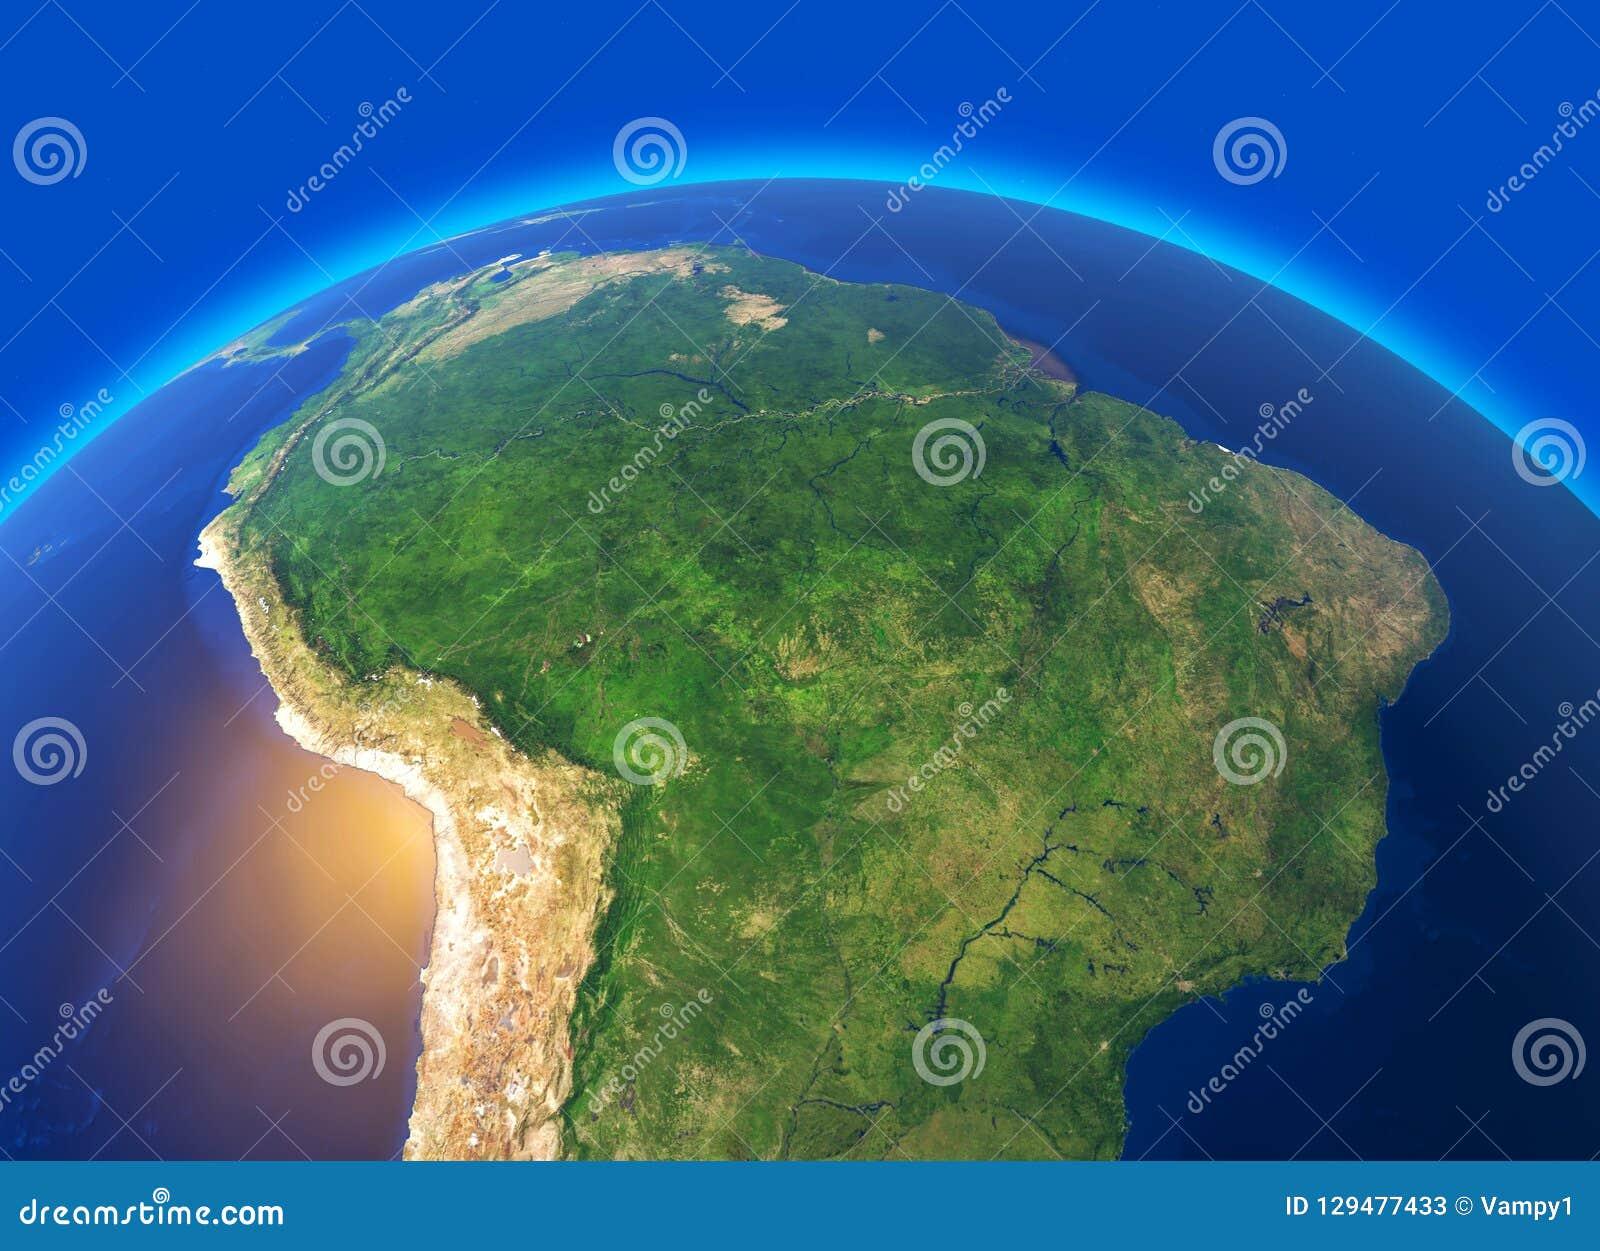 Satelitarny widok amazonka, mapa, stany Ameryka Południowa, ulgi i równiny, fizyczna mapa